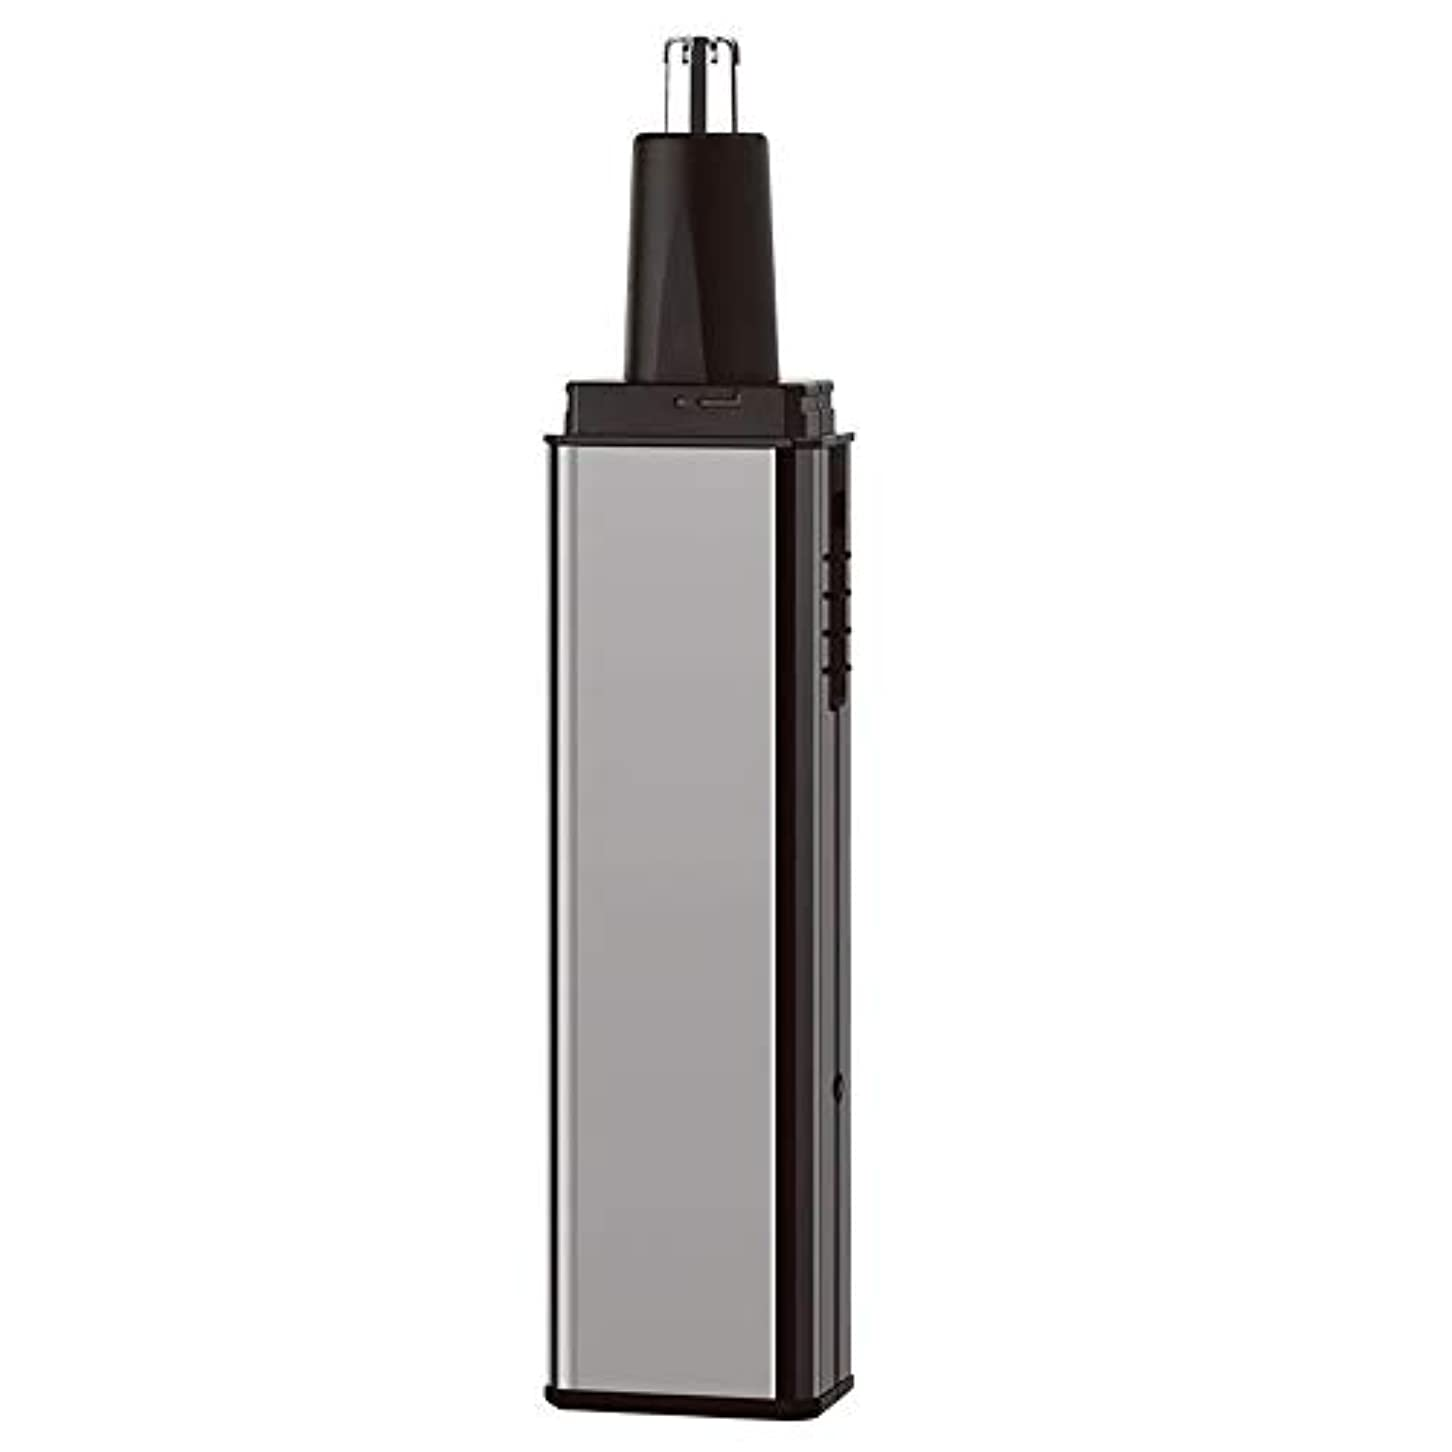 光の形成正確さ鼻毛トリマー-多機能スーツフォーインワン/電気鼻毛トリマー/ステンレススチール/多機能/ 13.5 * 2.7cm 軽度の脱毛